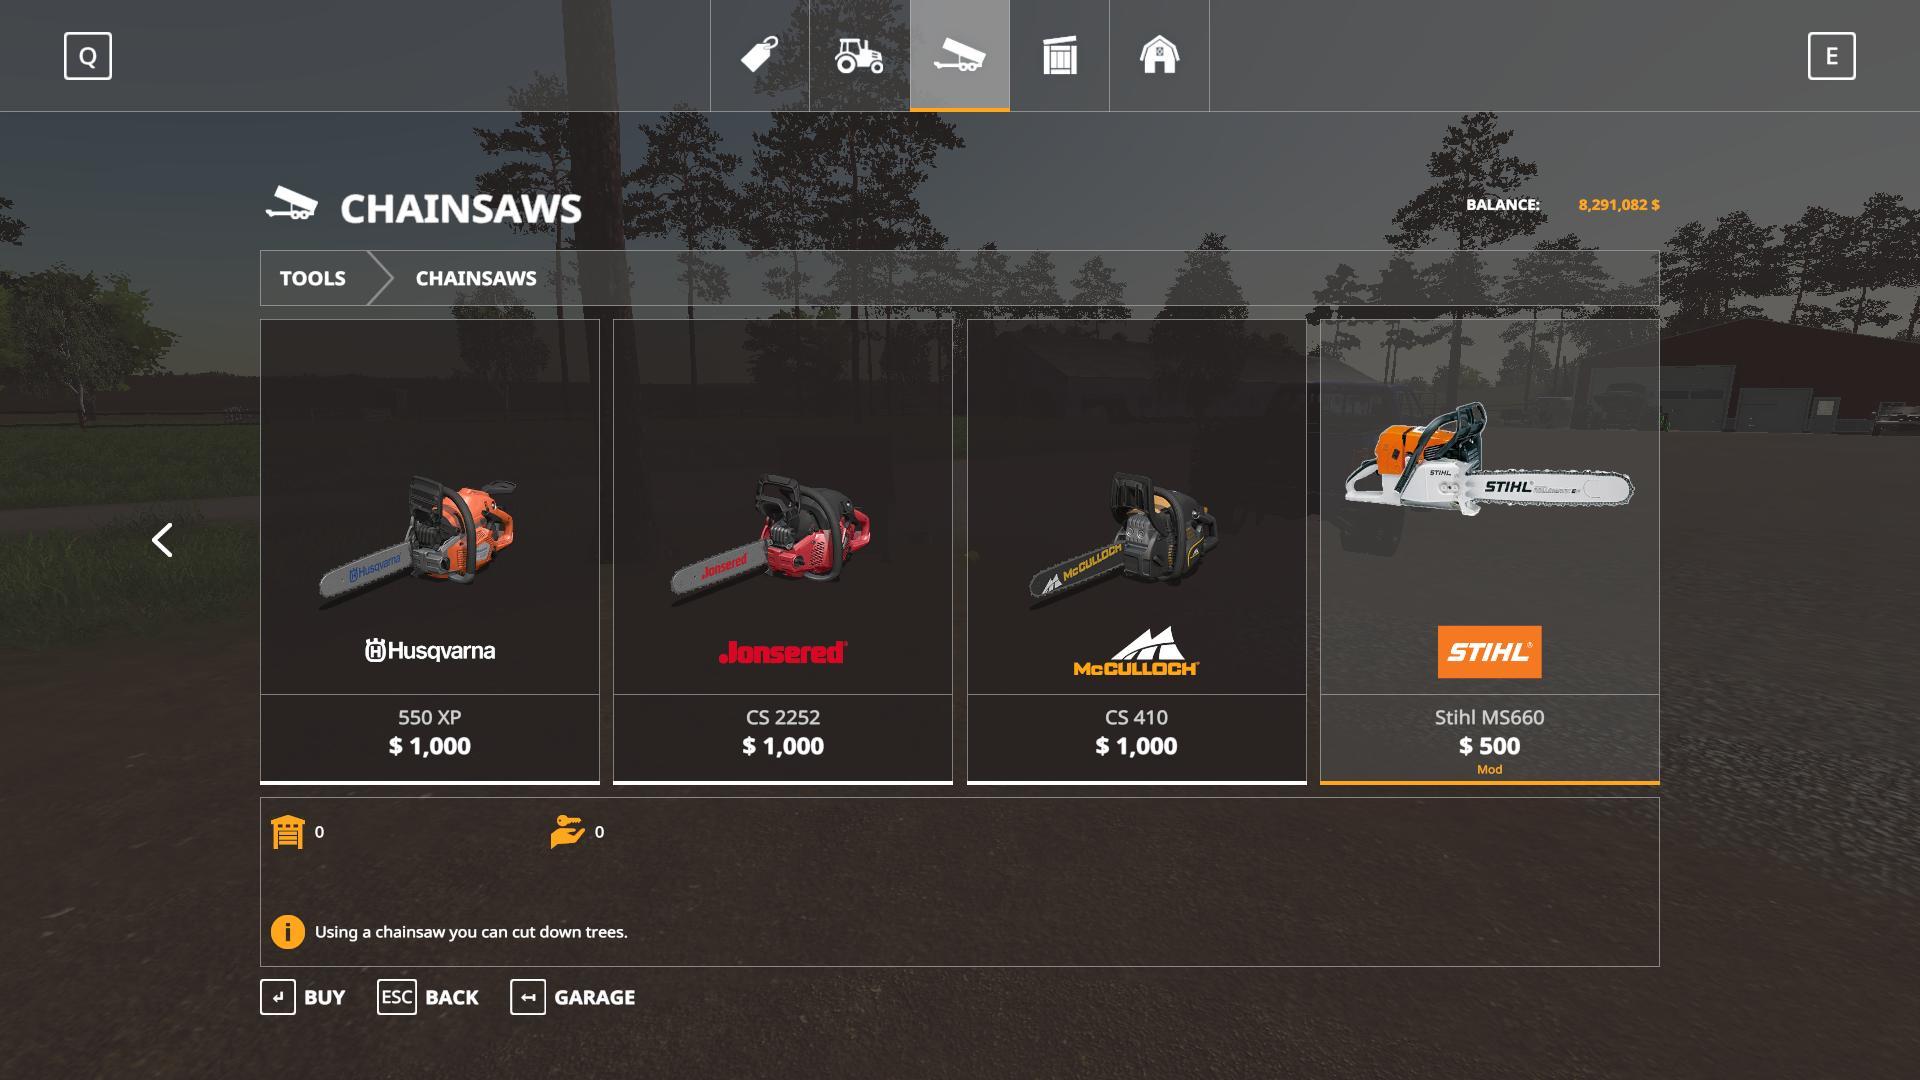 FS19 Stihl MS660 Chainsaw v1 0 - Farming Simulator 17 mod